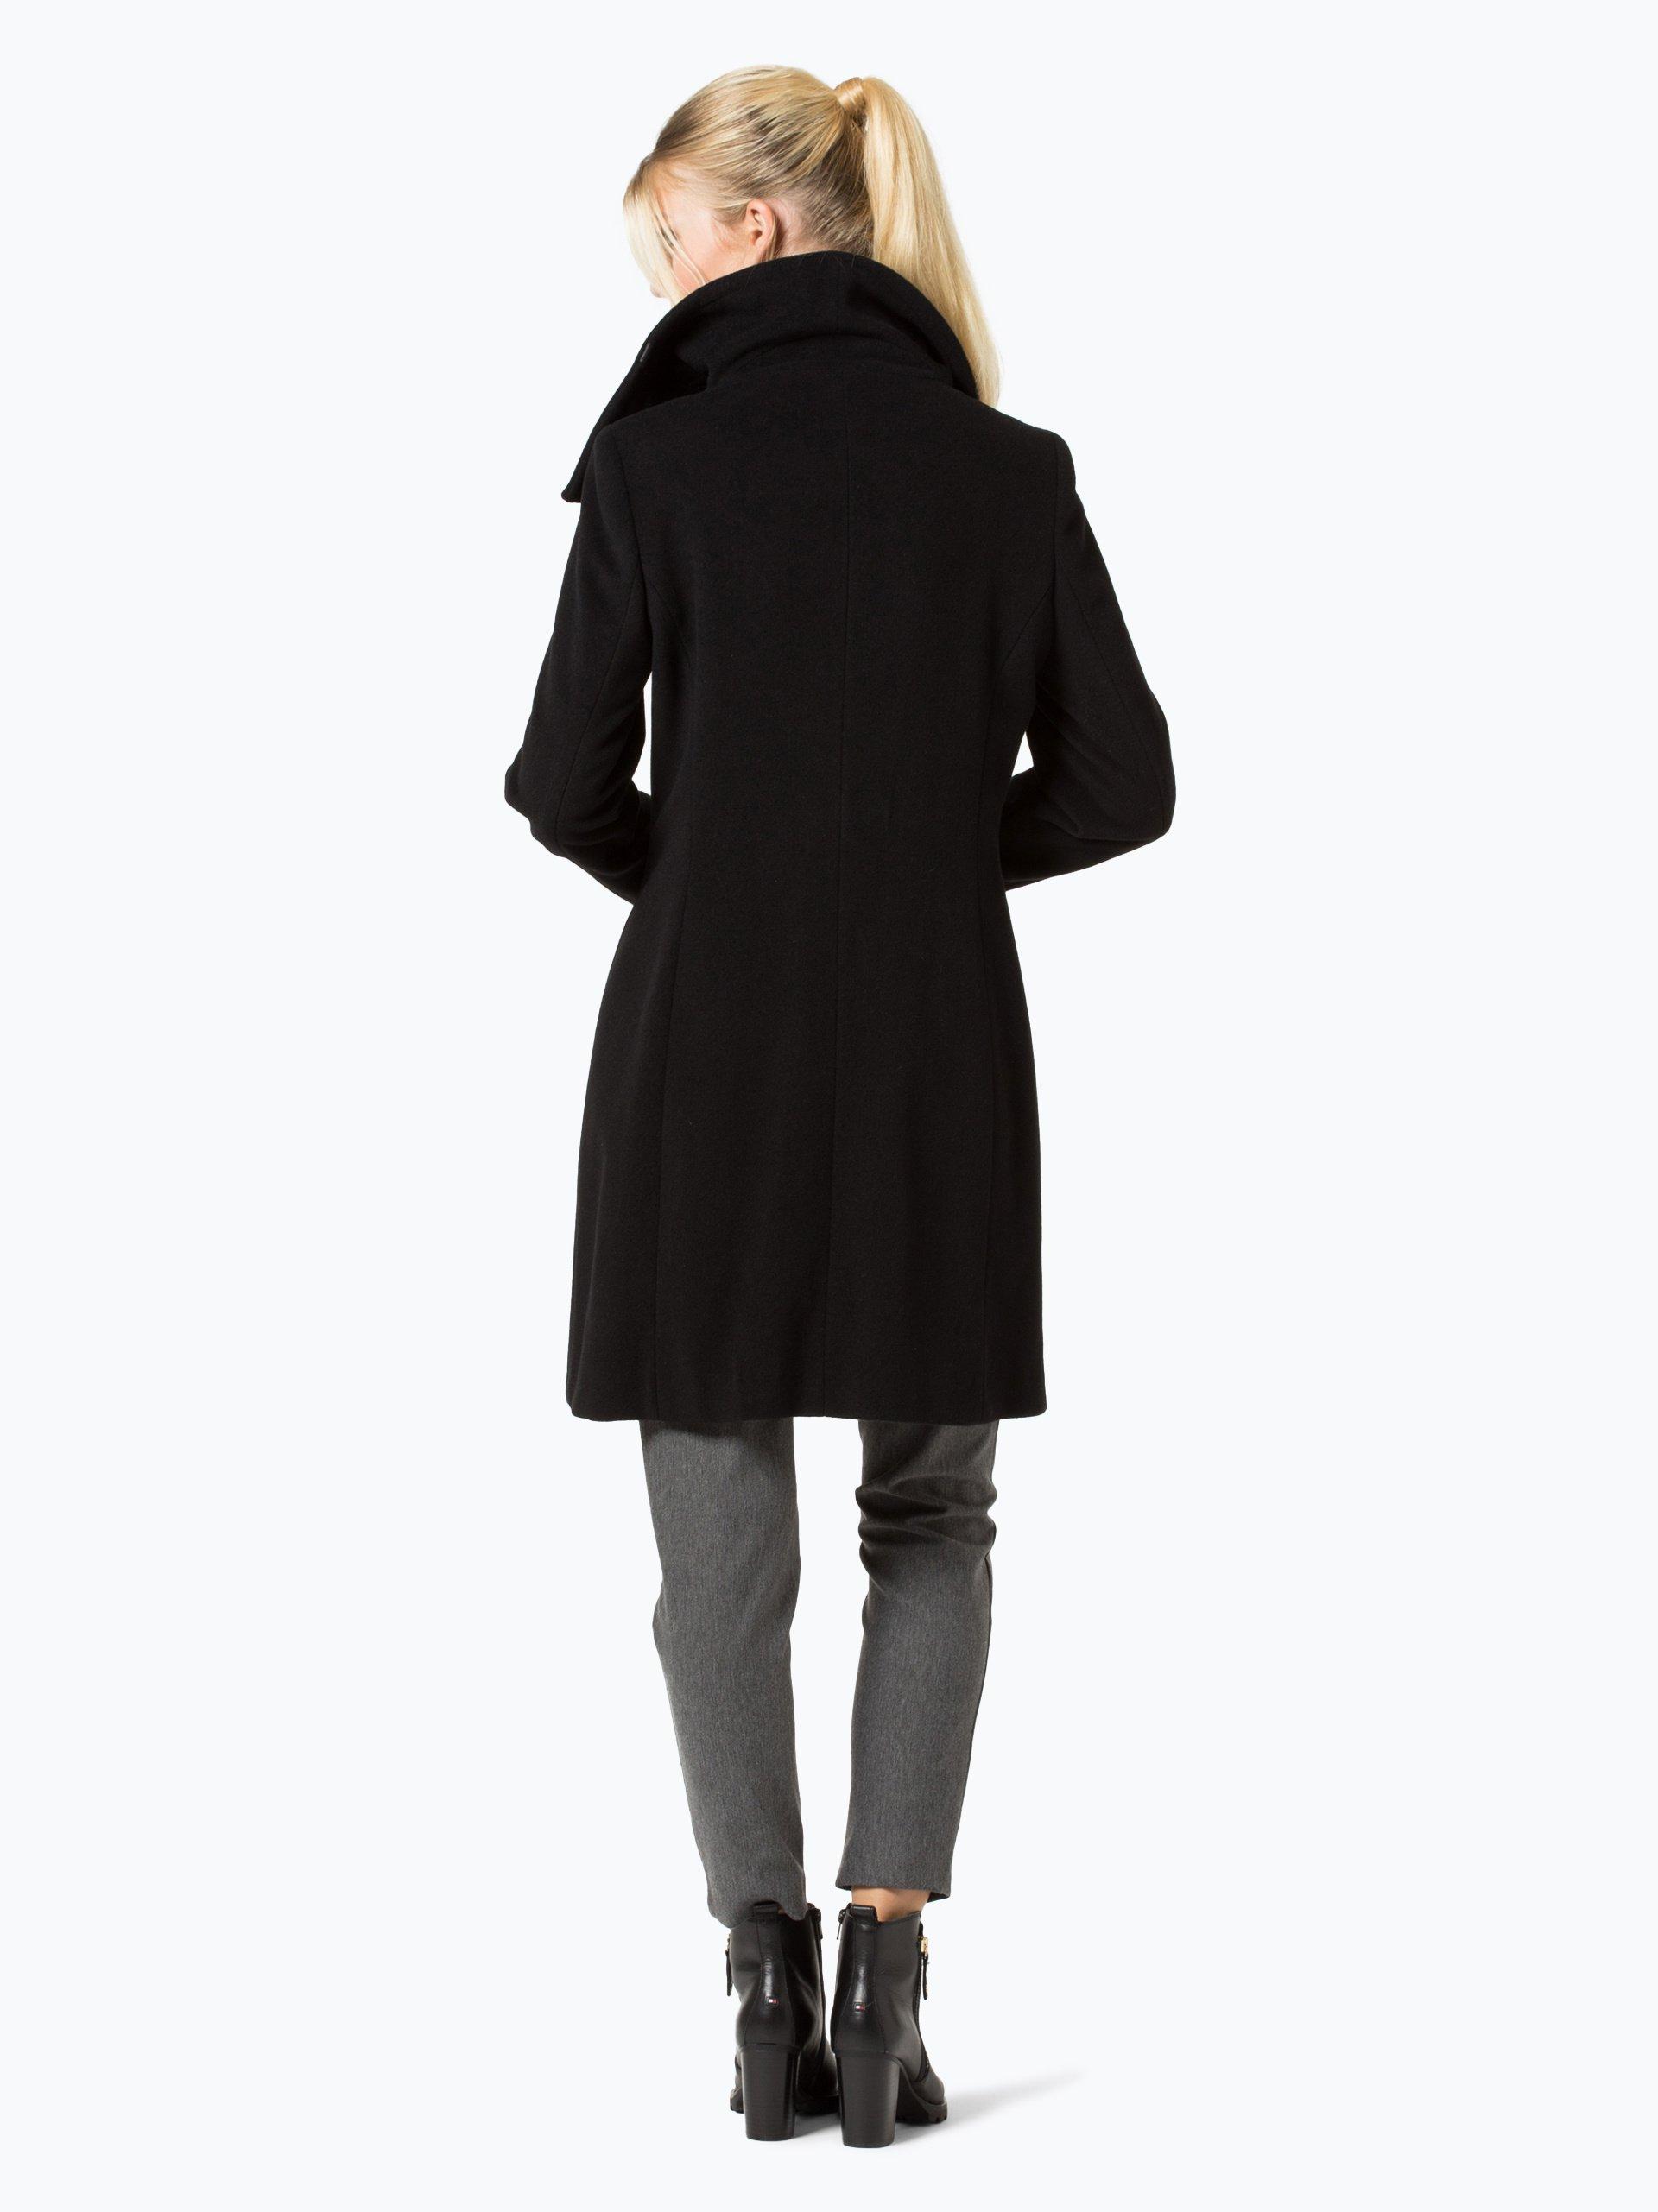 fuchs schmitt damen mantel mit cashmere anteil schwarz uni online kaufen peek und cloppenburg de. Black Bedroom Furniture Sets. Home Design Ideas